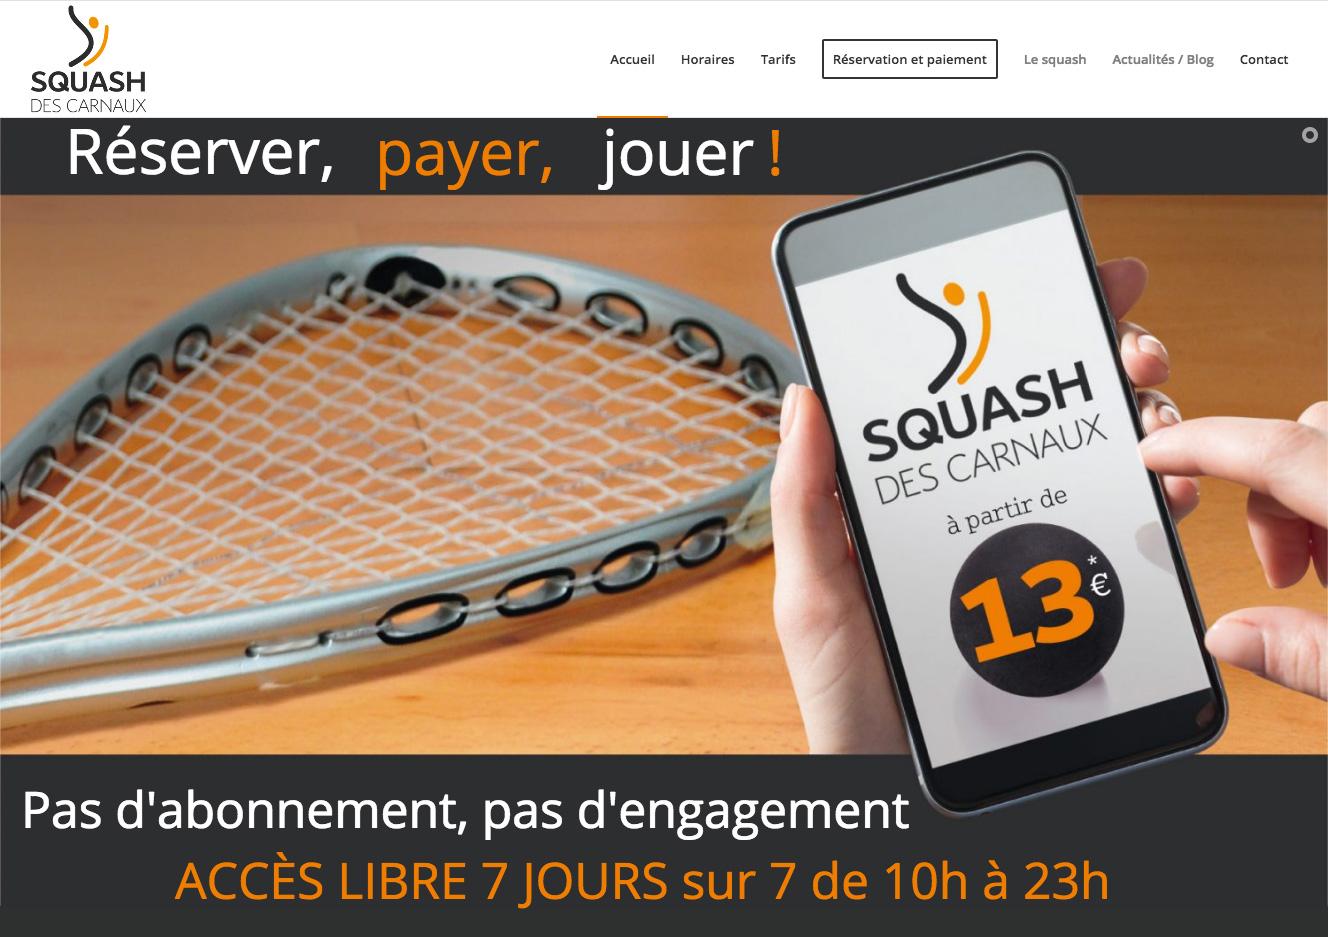 SQUASH DES CARNAUX, Réserver en ligne, payer, jouer !